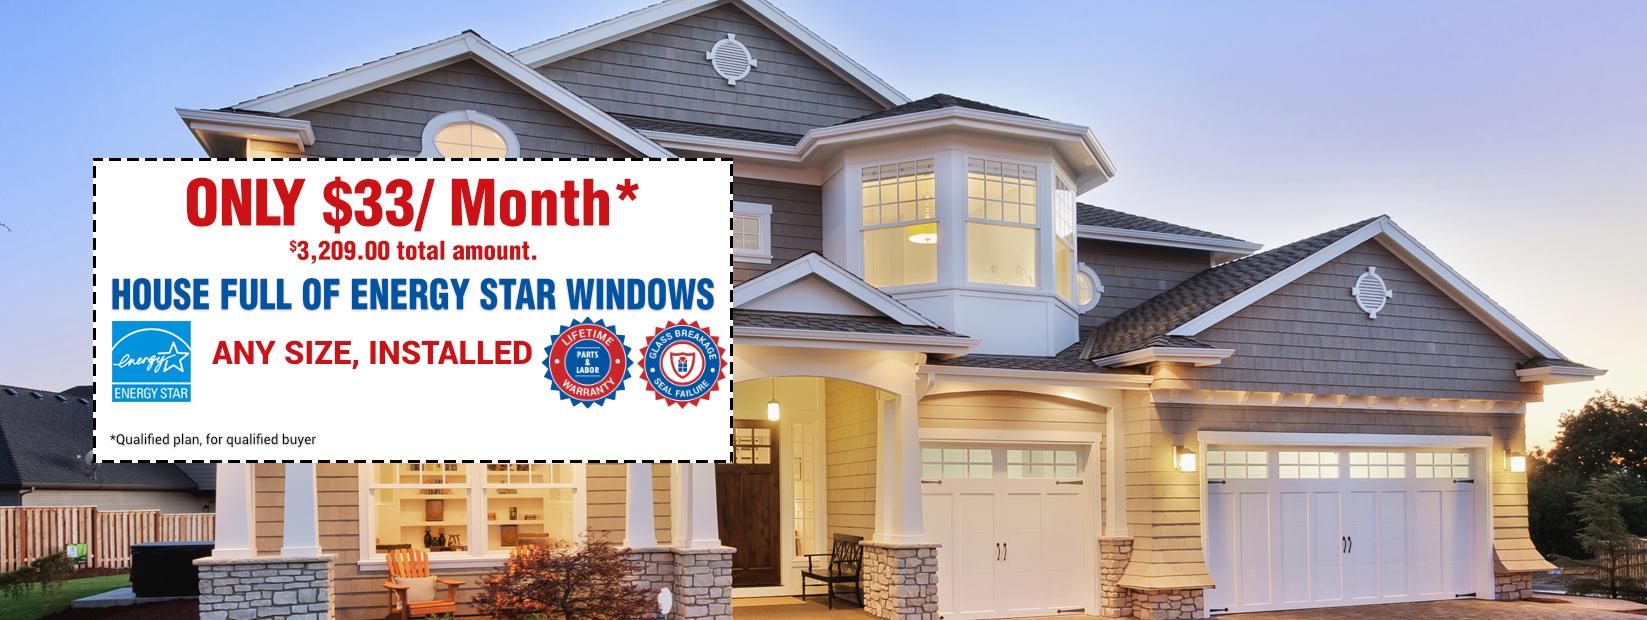 Energy Star Windows Warwick, NY